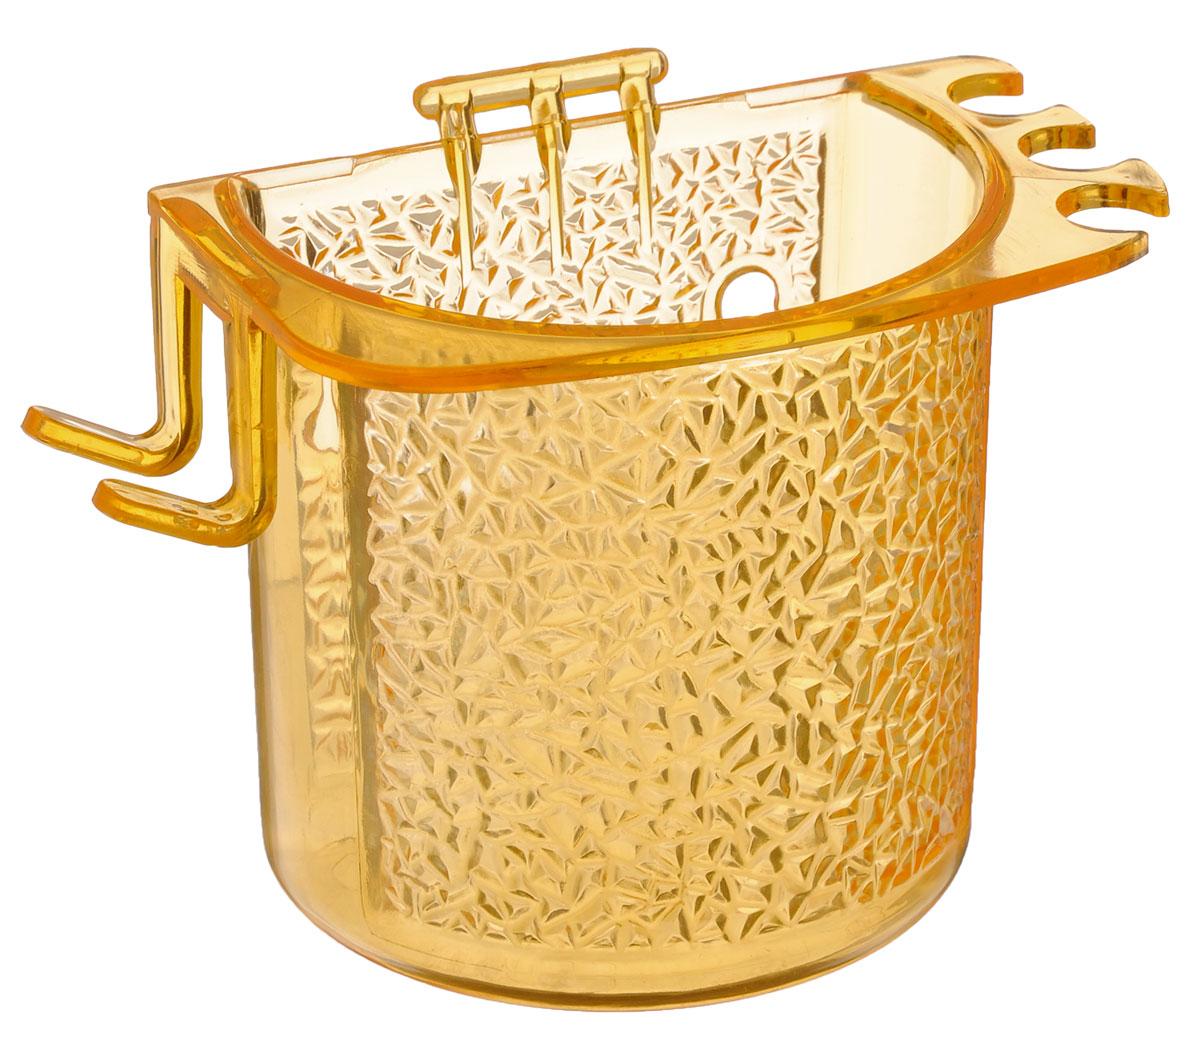 Стакан для ванной Fresh Code, на липкой основе, цвет: оранжевый64945_желтыйСтакан для ванной комнаты Fresh Code выполнен из ABS пластика. Крепление на липкой основе многократного использования идеально подходит для гладкой поверхности. С оборотной стороны изделие оснащено двумя отверстиями для удобного размещения на стене. В стакане удобно хранить зубные щетки, пасту и другие принадлежности. Аксессуары для ванной комнаты Fresh Code стильно украсят интерьер и добавят в обычную обстановку яркие и модные акценты. Стакан идеально подойдет к любому стилю ванной комнаты.